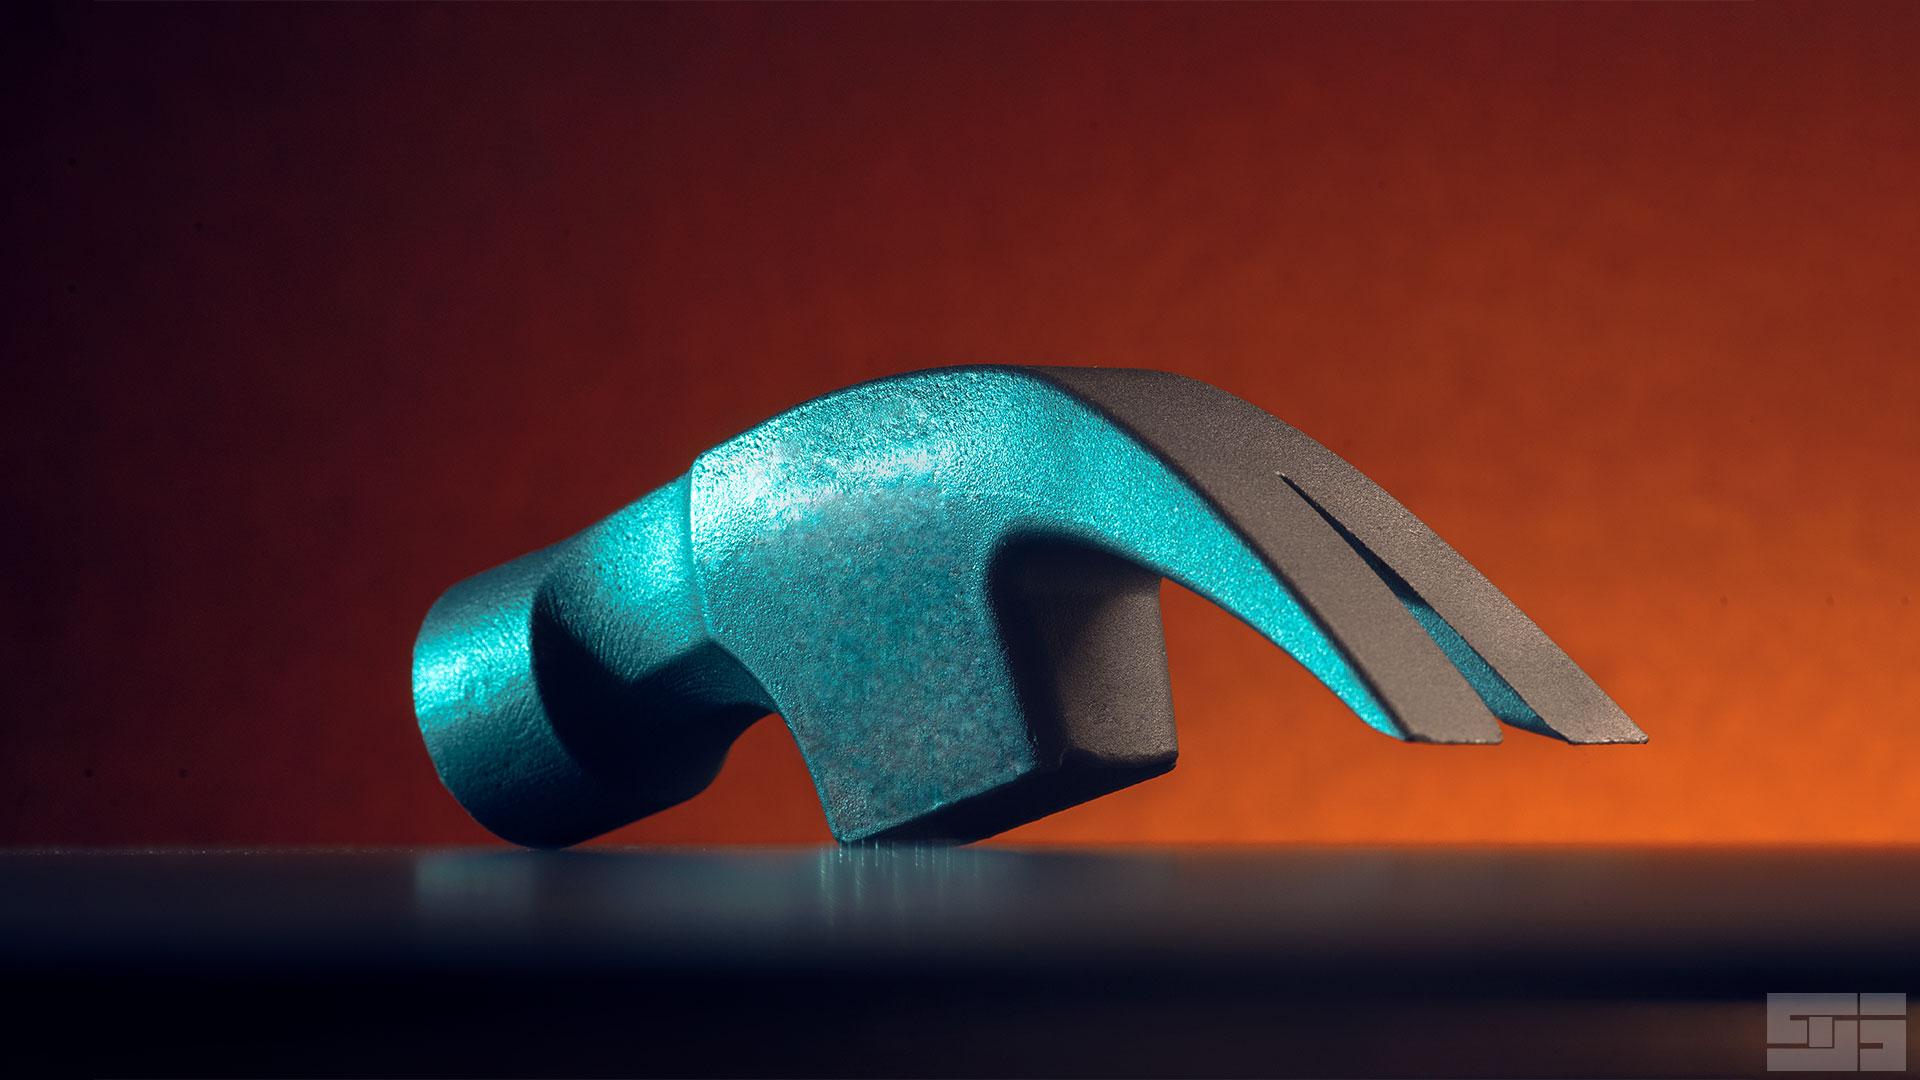 تولید ابزارآلات دستی به روش ریخته گری دقیق | تولید آچار فرانسه، انبر آرماتور بندی، تولید آچار یک سر رینگی یک سر تخت، تولید چکش، ساخت تبر، تولید انبردست